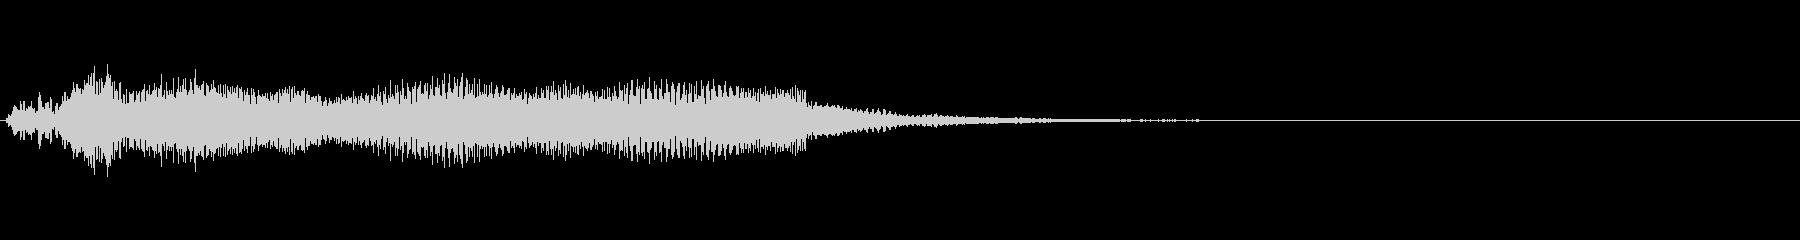 ドラキュラ登場に合うオルガンの音の未再生の波形